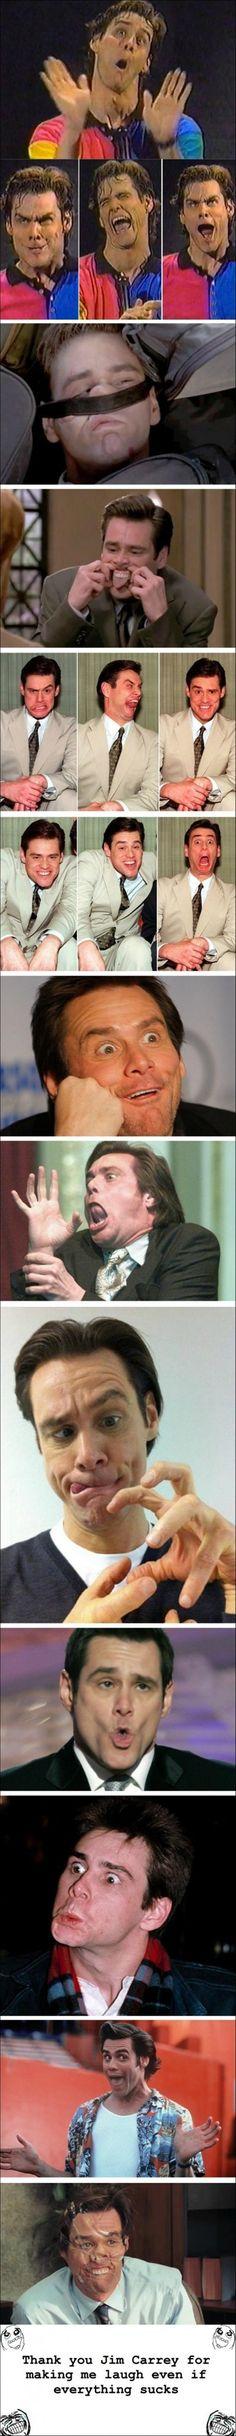 Jim Carrey:)